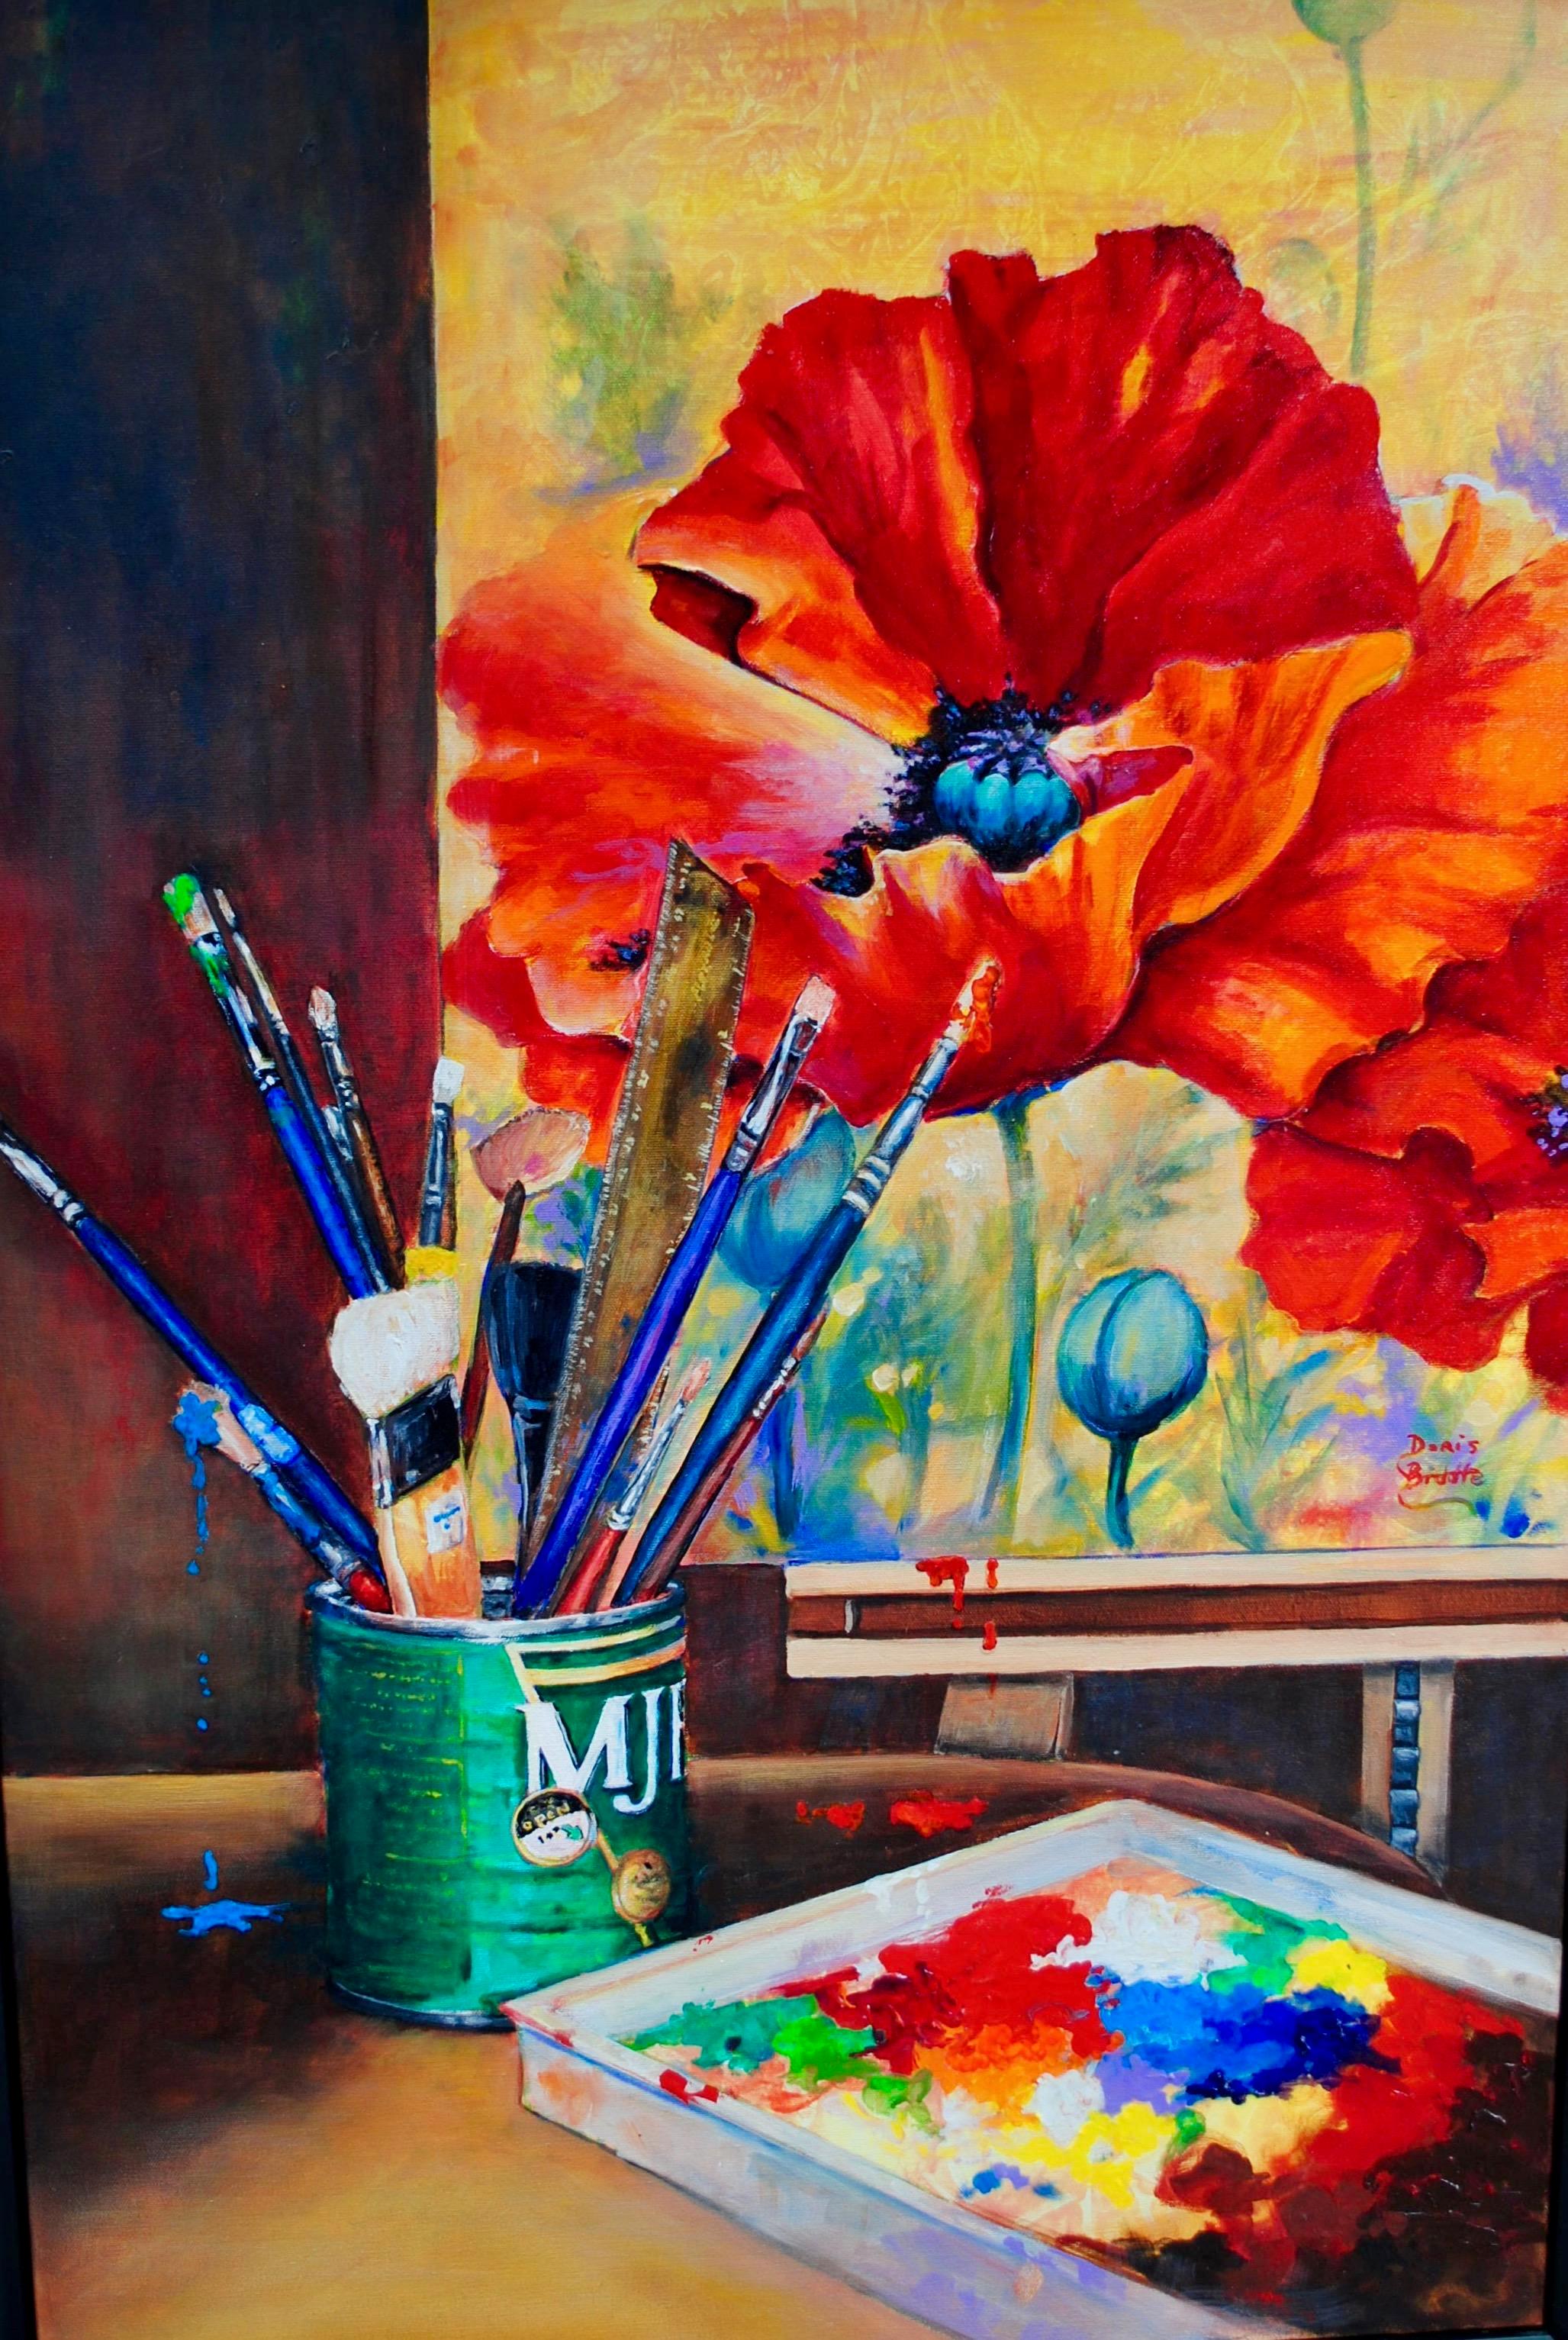 Doris Biddle - Fresh Paint